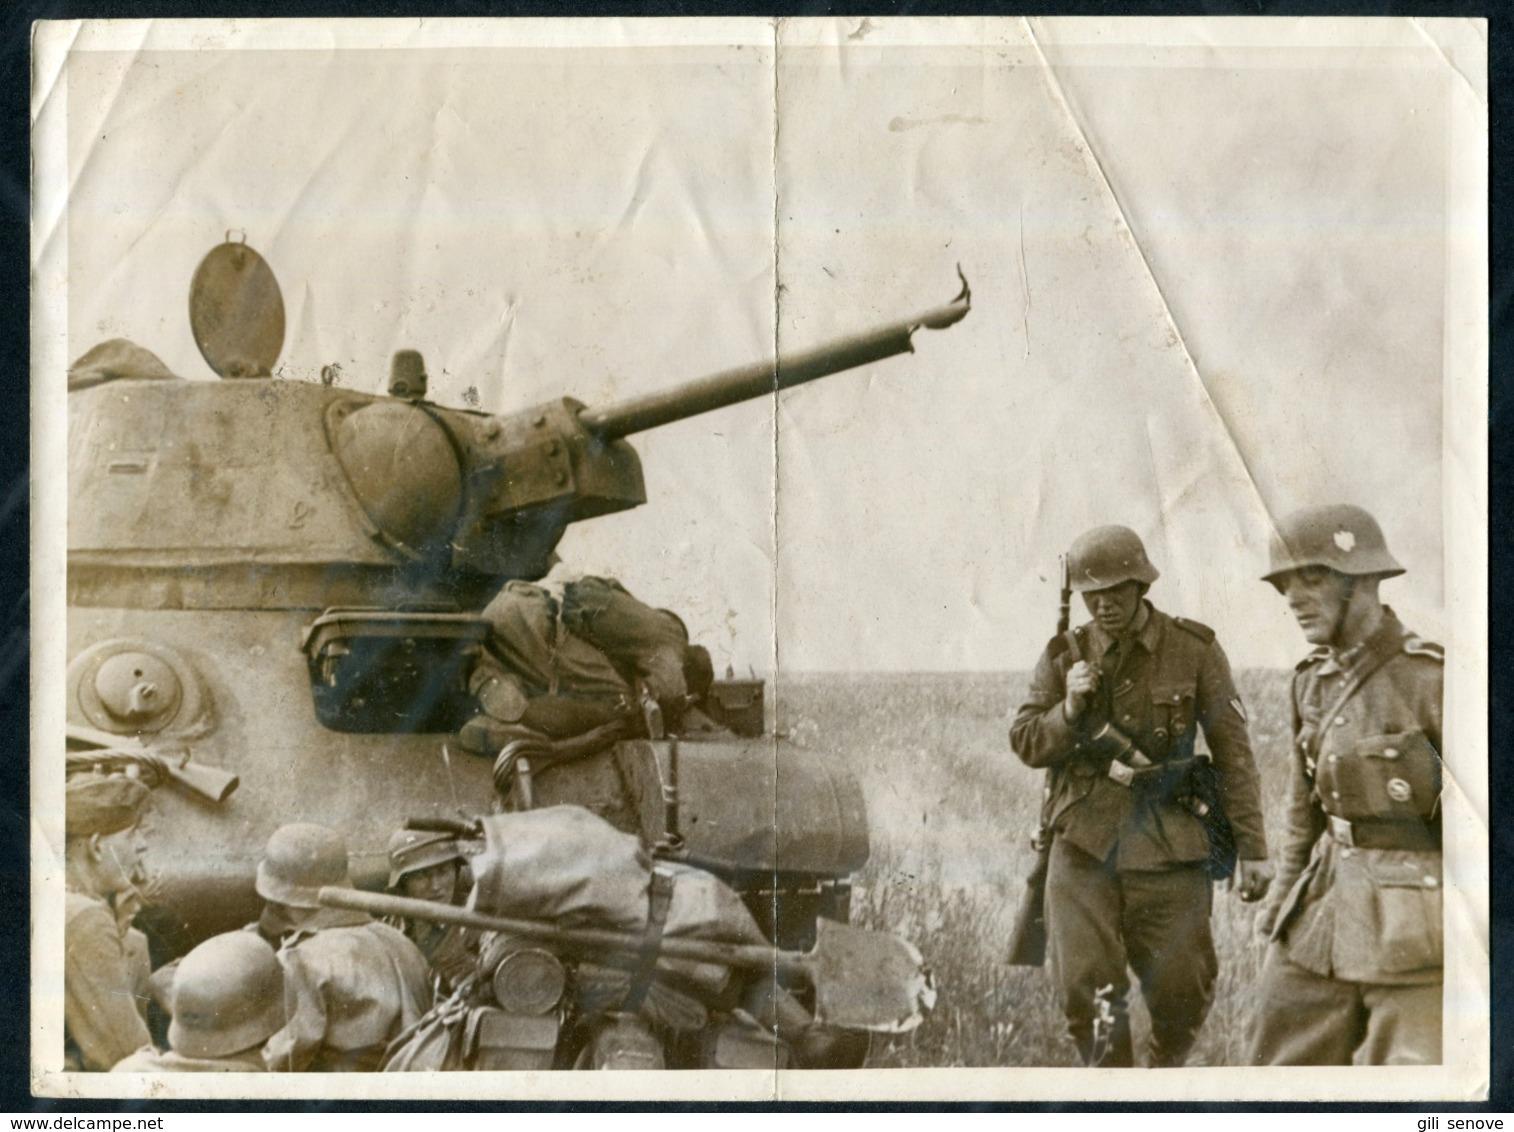 1942 WWII German War Photo / Weltbild - 1939-45